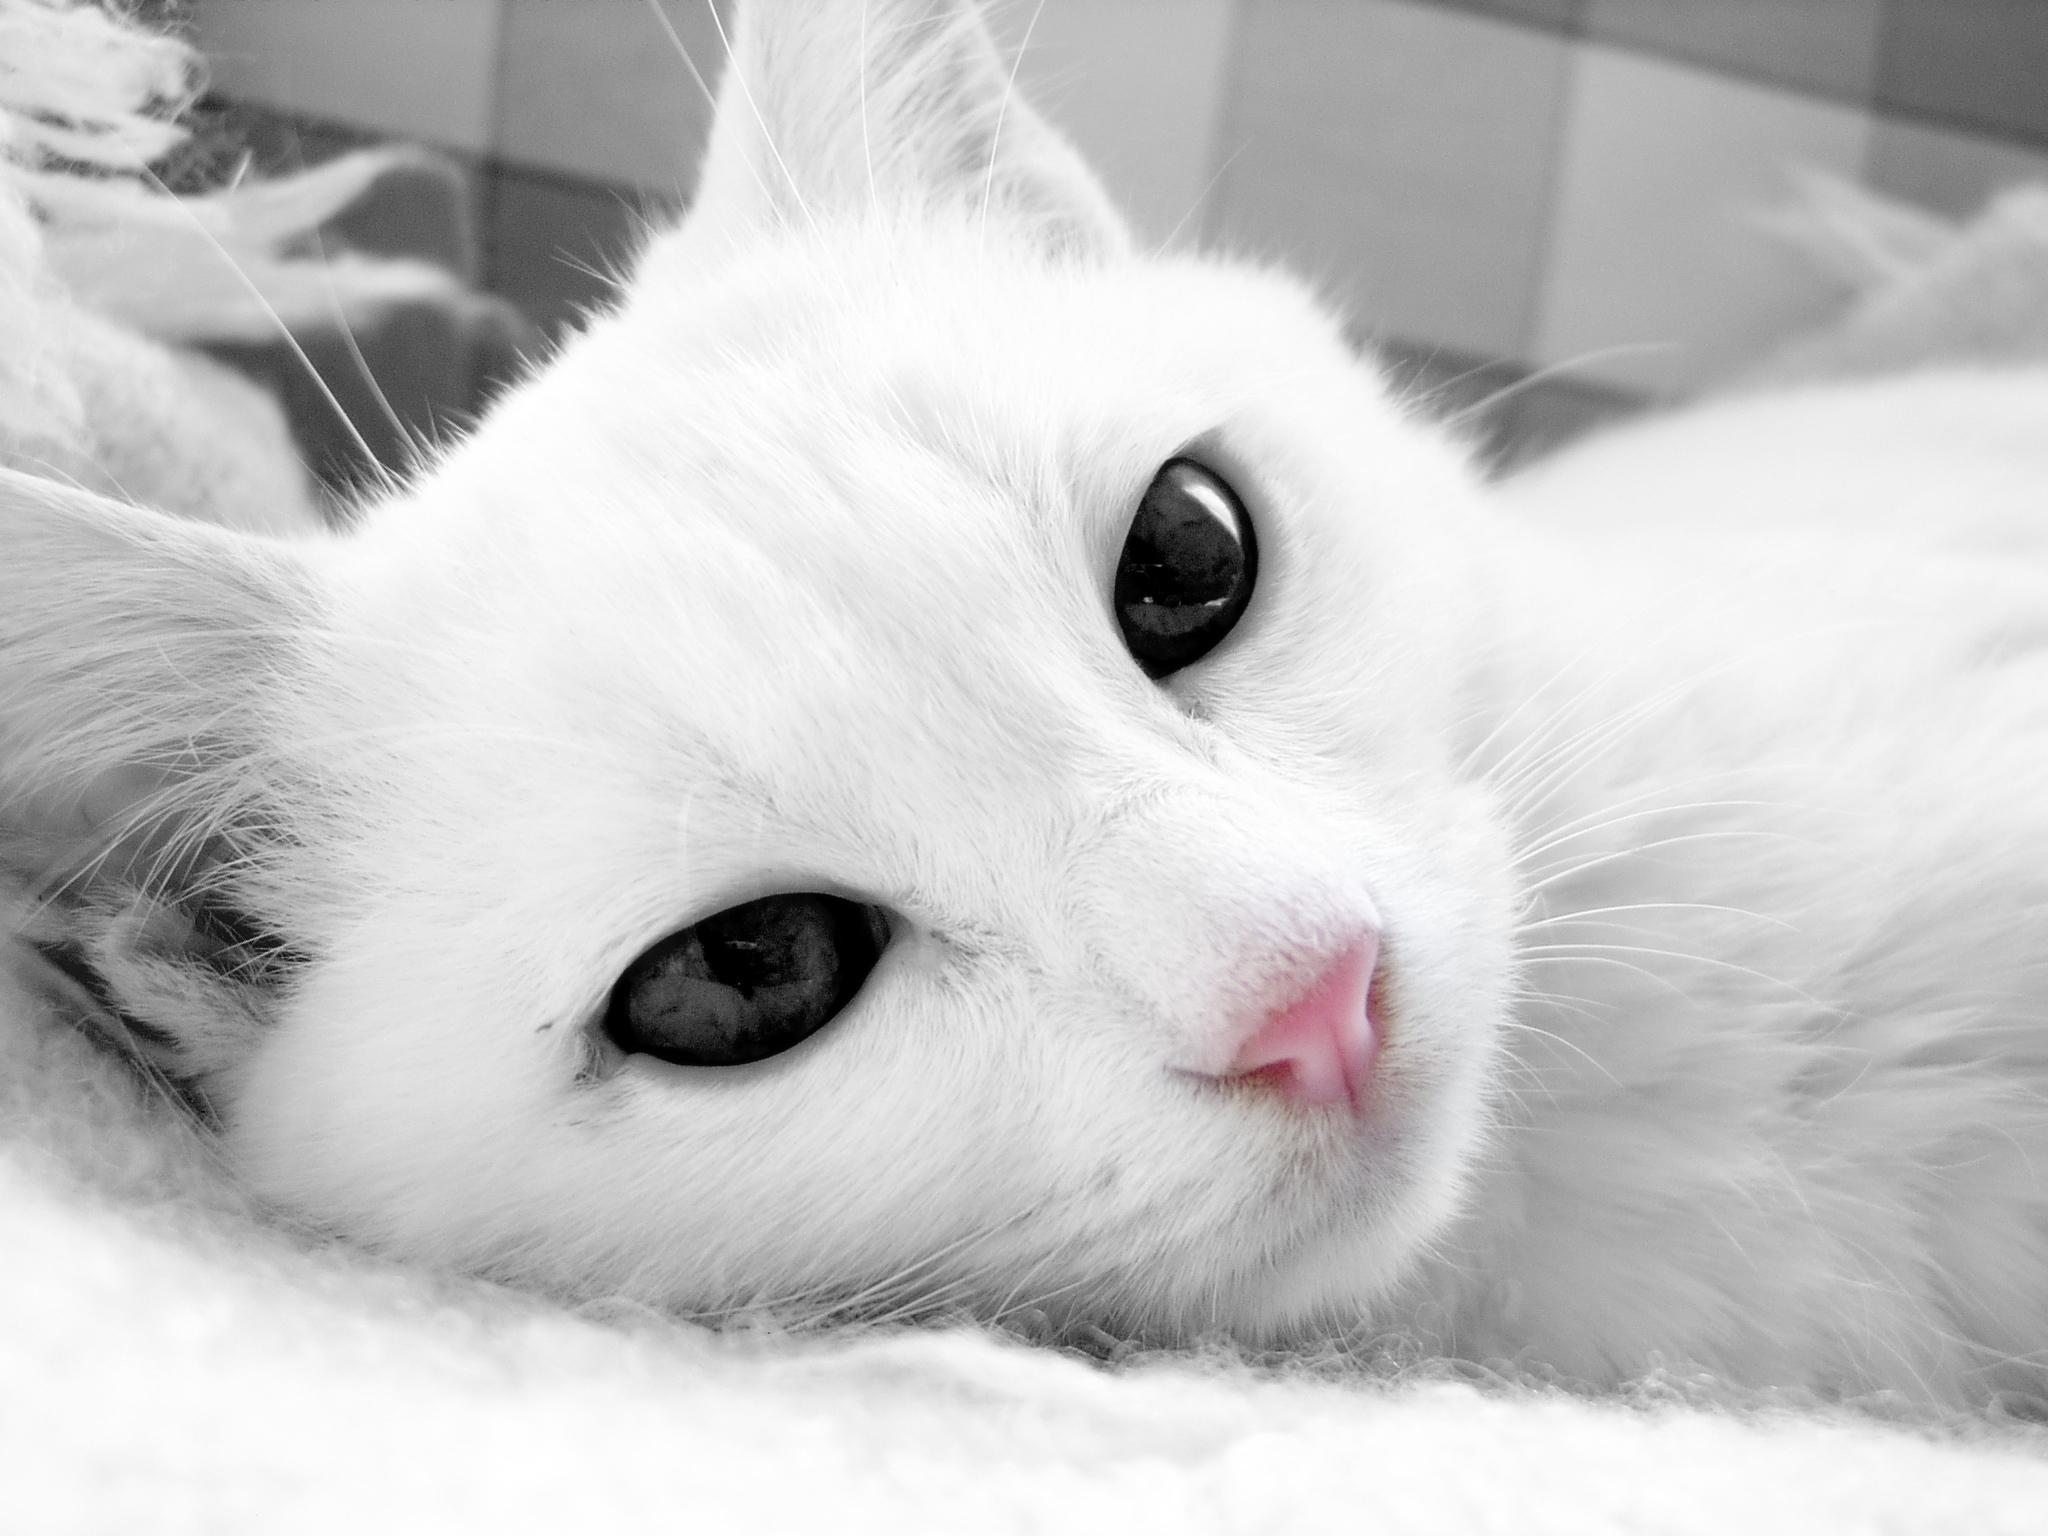 обои на рабочий стол белая кошка с голубыми глазами № 186099 бесплатно